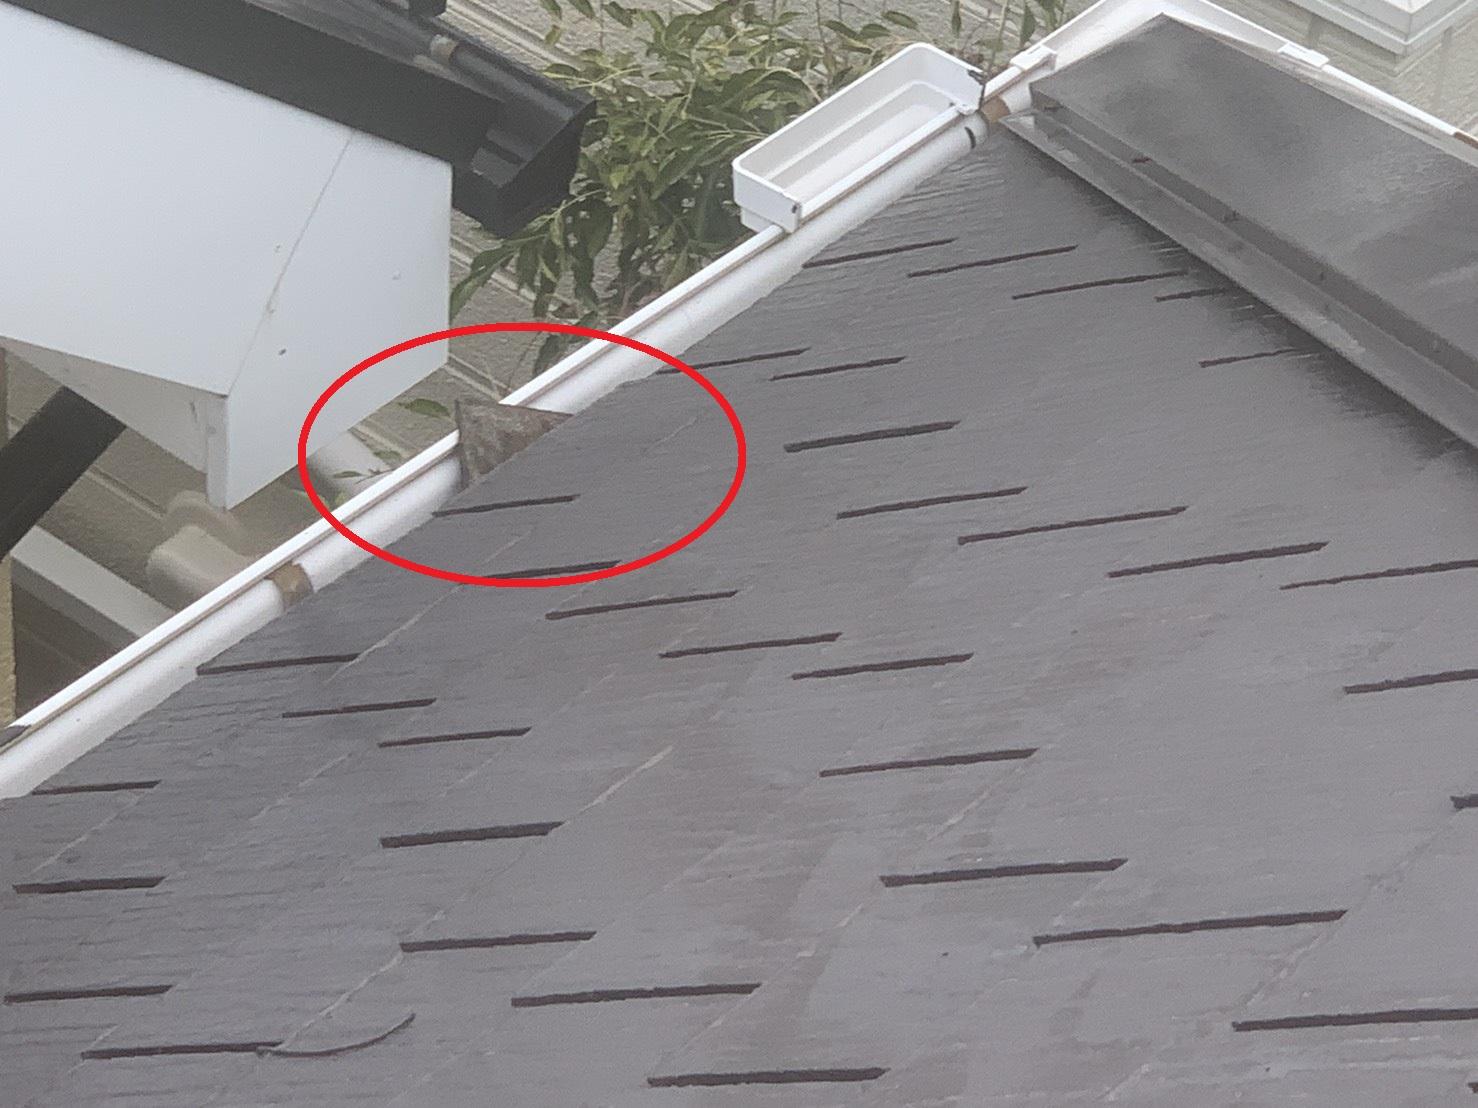 三木市で強風によりスレート屋根がズレ落ちている様子